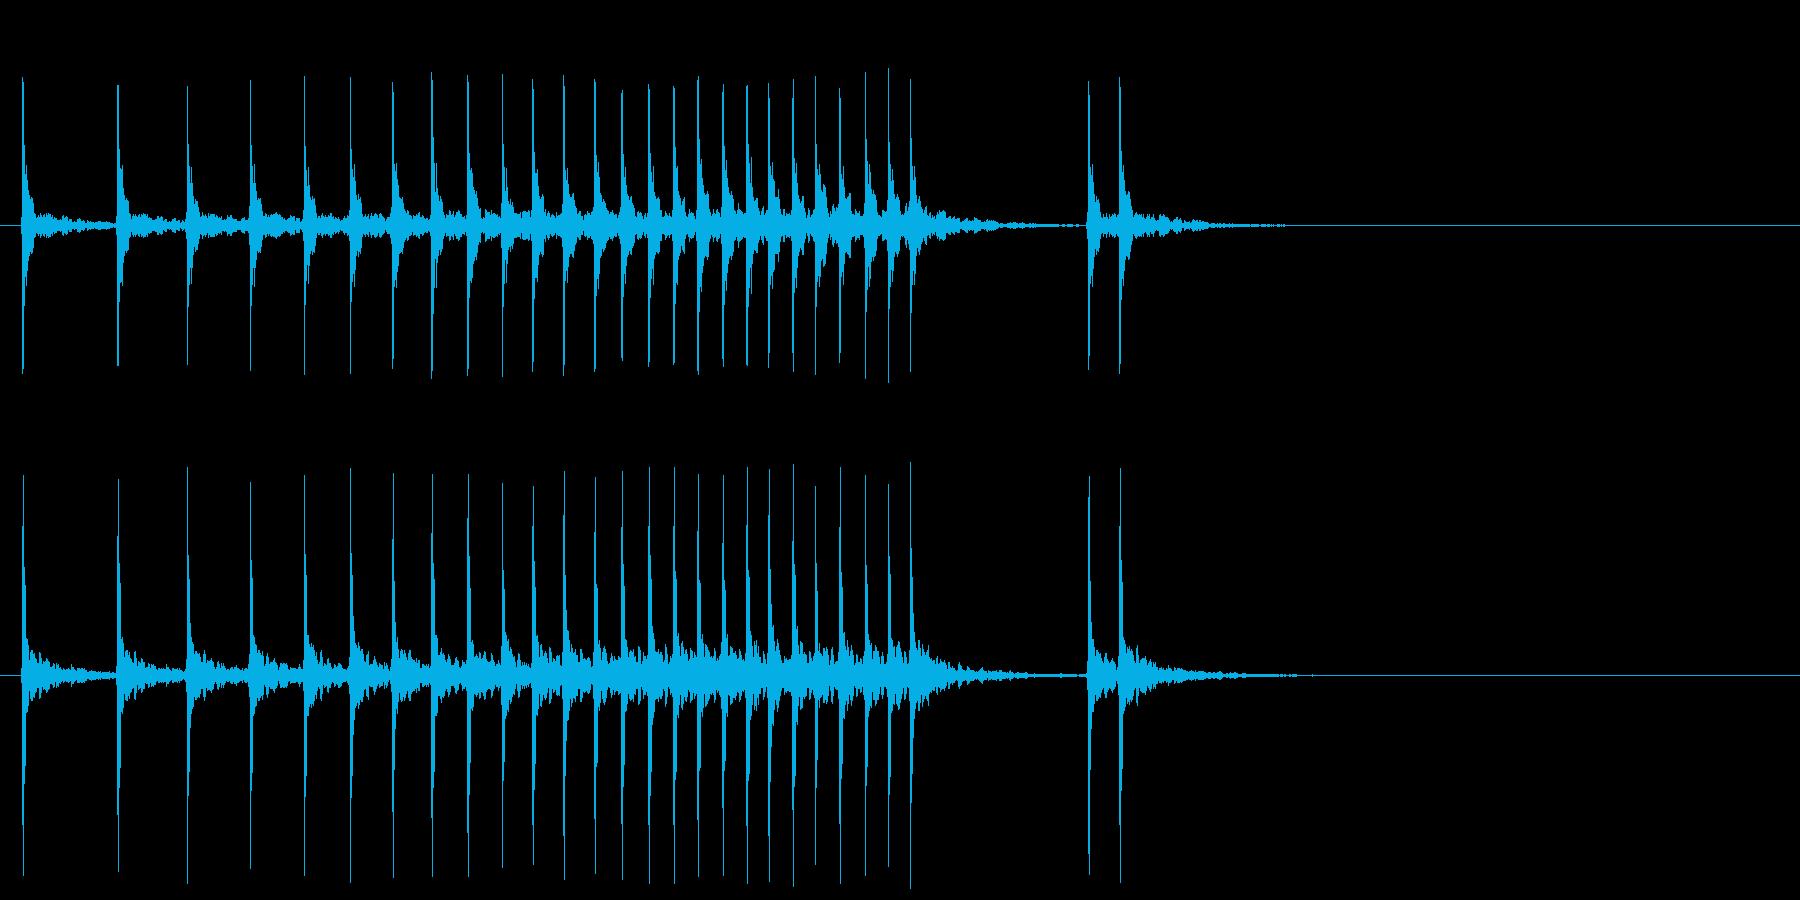 幕の開ける時の和楽器の音の再生済みの波形